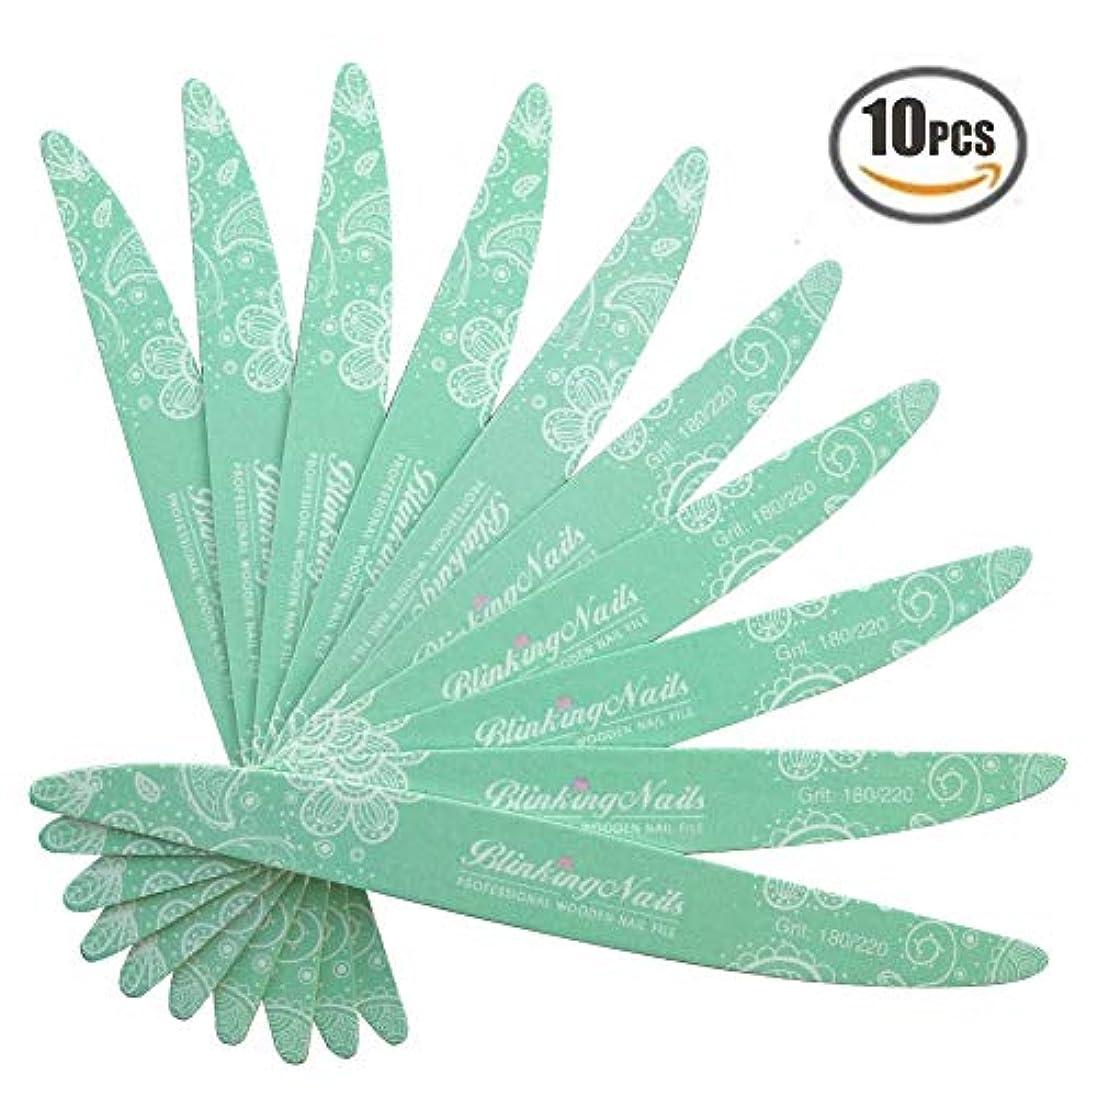 心理的架空の枕ネイルファイル 洗濯可プロネイルやすり 研磨ツール 爪やすり 木製 ケアツール 両面タイプのエメリーボード 10枚入 180/220砂 緑の柳葉形 グリーン 携帯便利